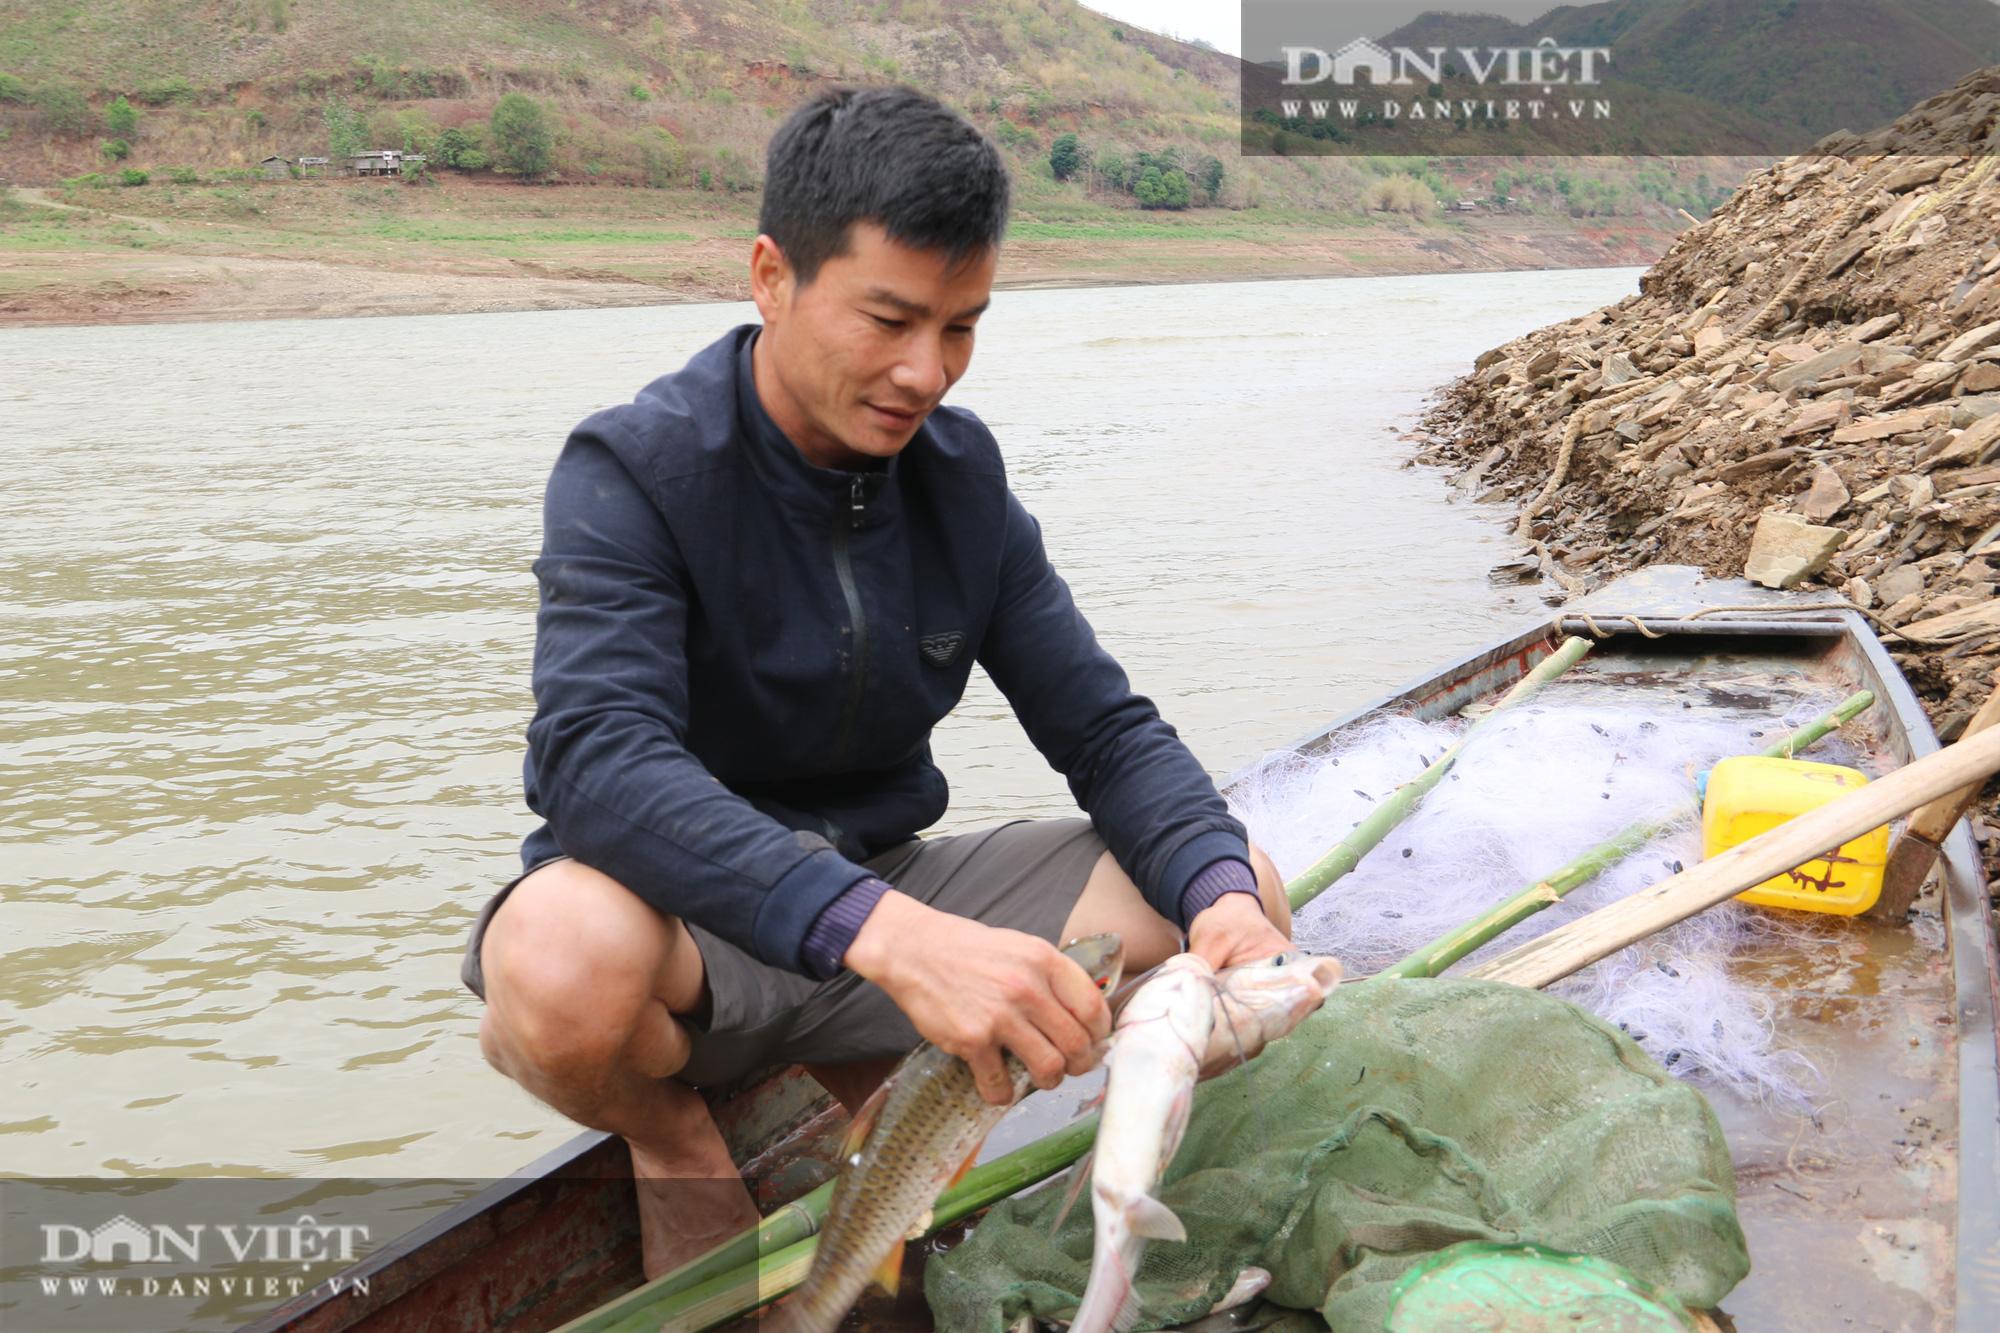 Đánh cá trong thời tiết rét buốt, ngư dân vẫn đút túi 1 triệu đồng/ngày - Ảnh 1.